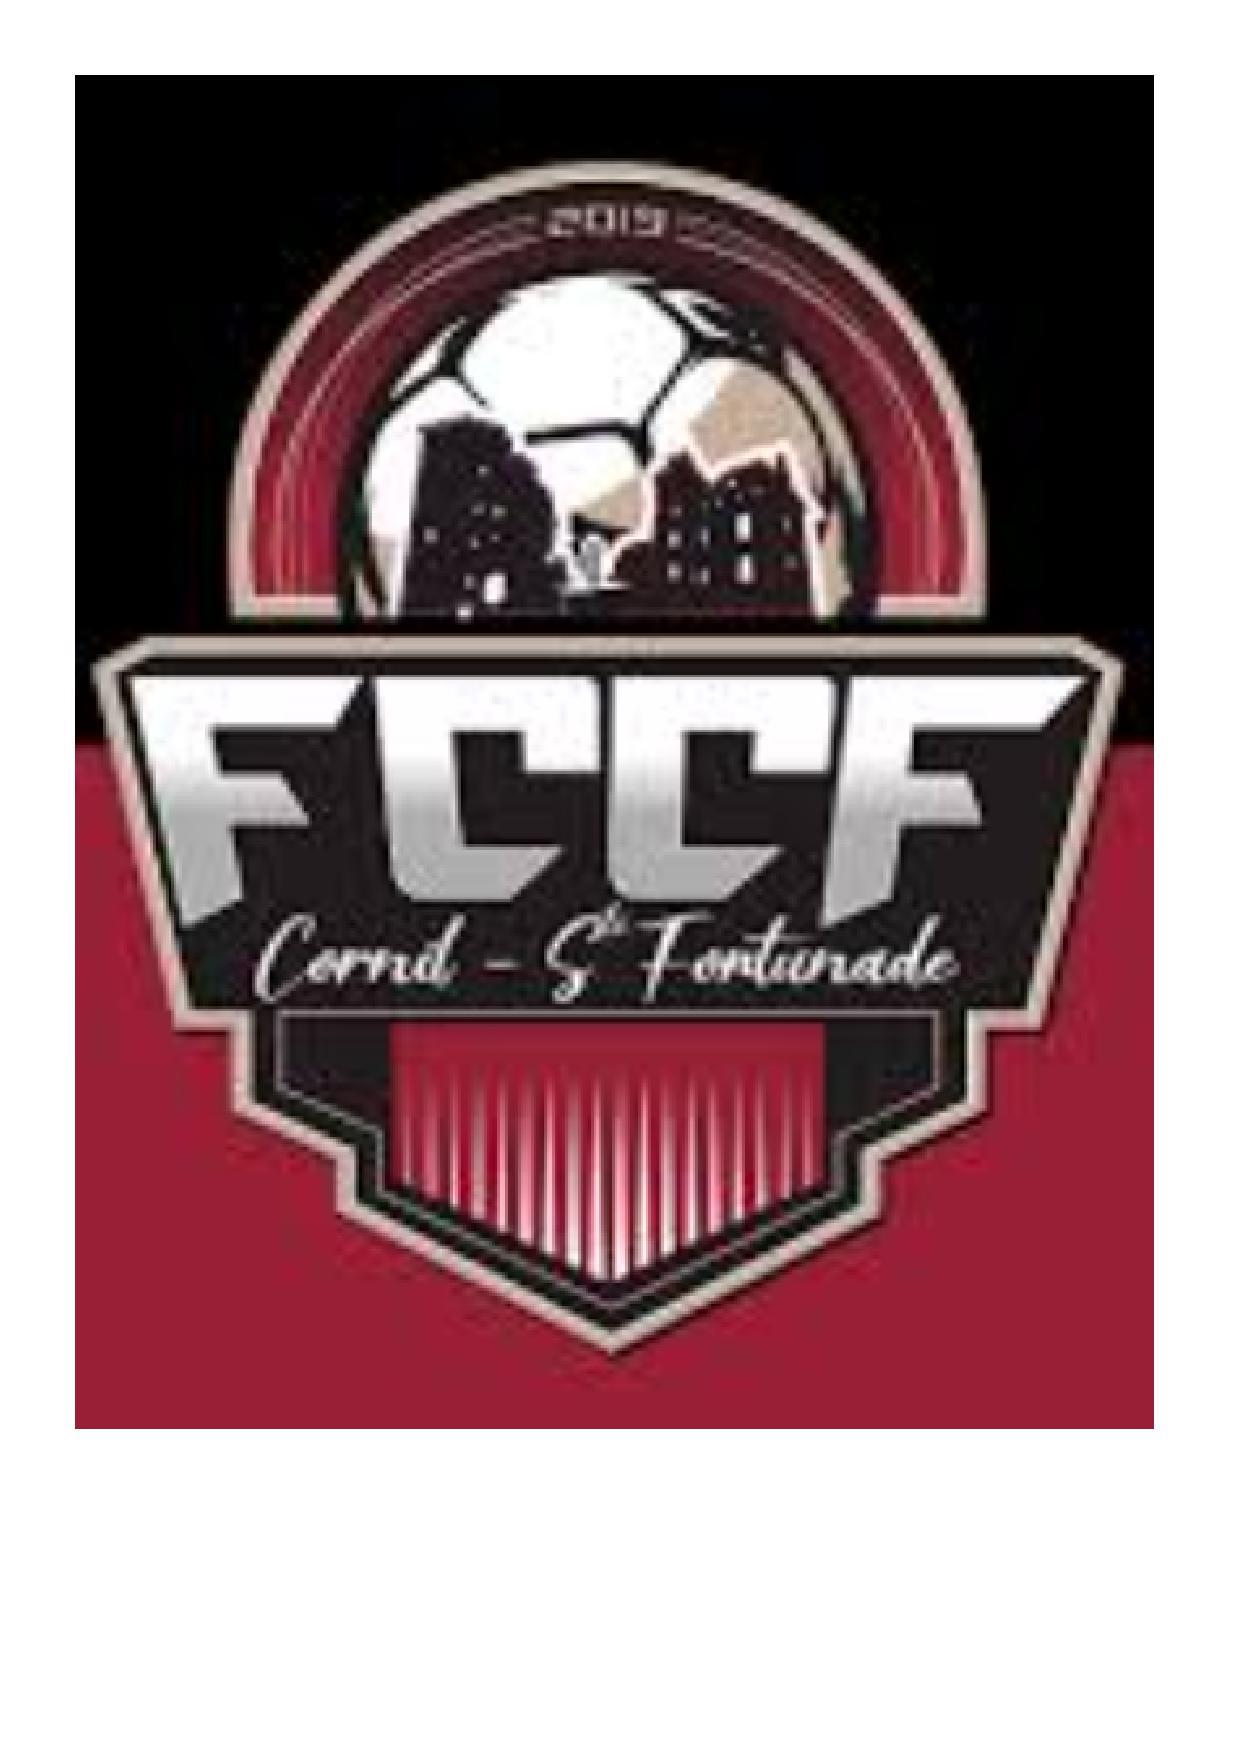 fccf.jpg